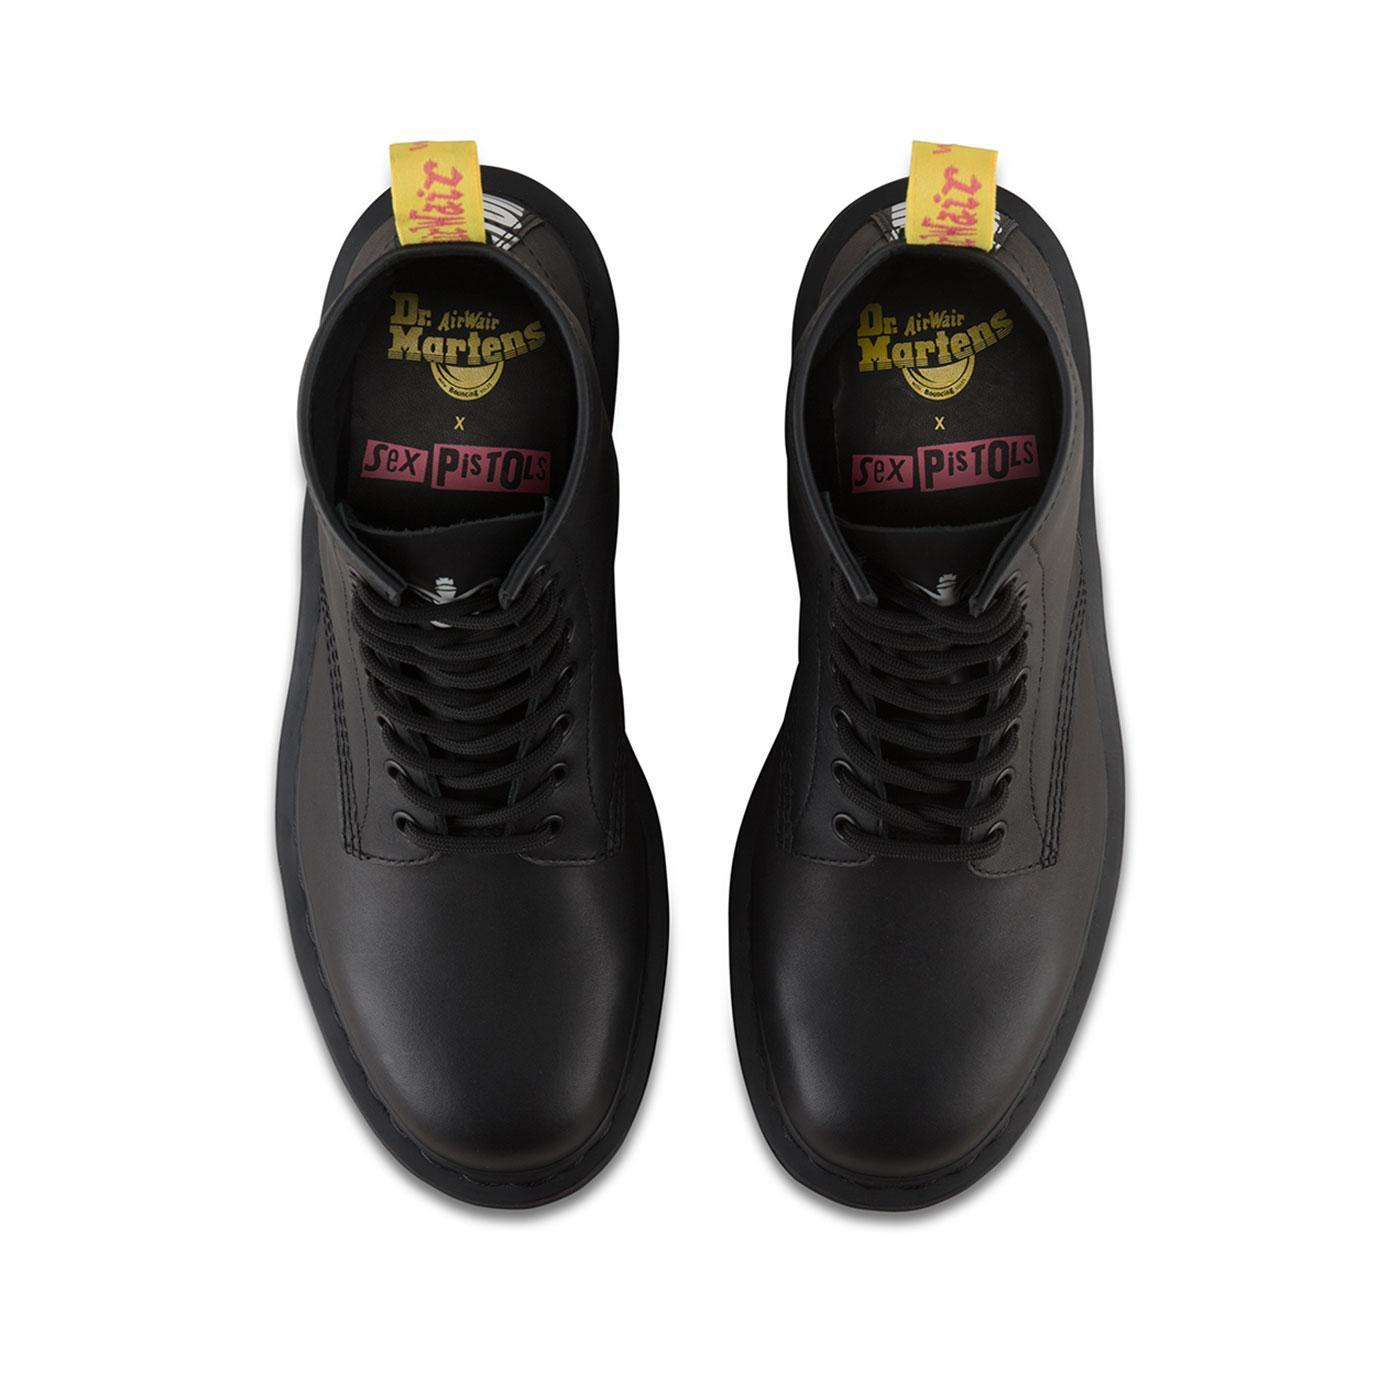 7e7f2e80076b DR MARTENS X SEX PISTOLS No Future 1460 Boots in Black